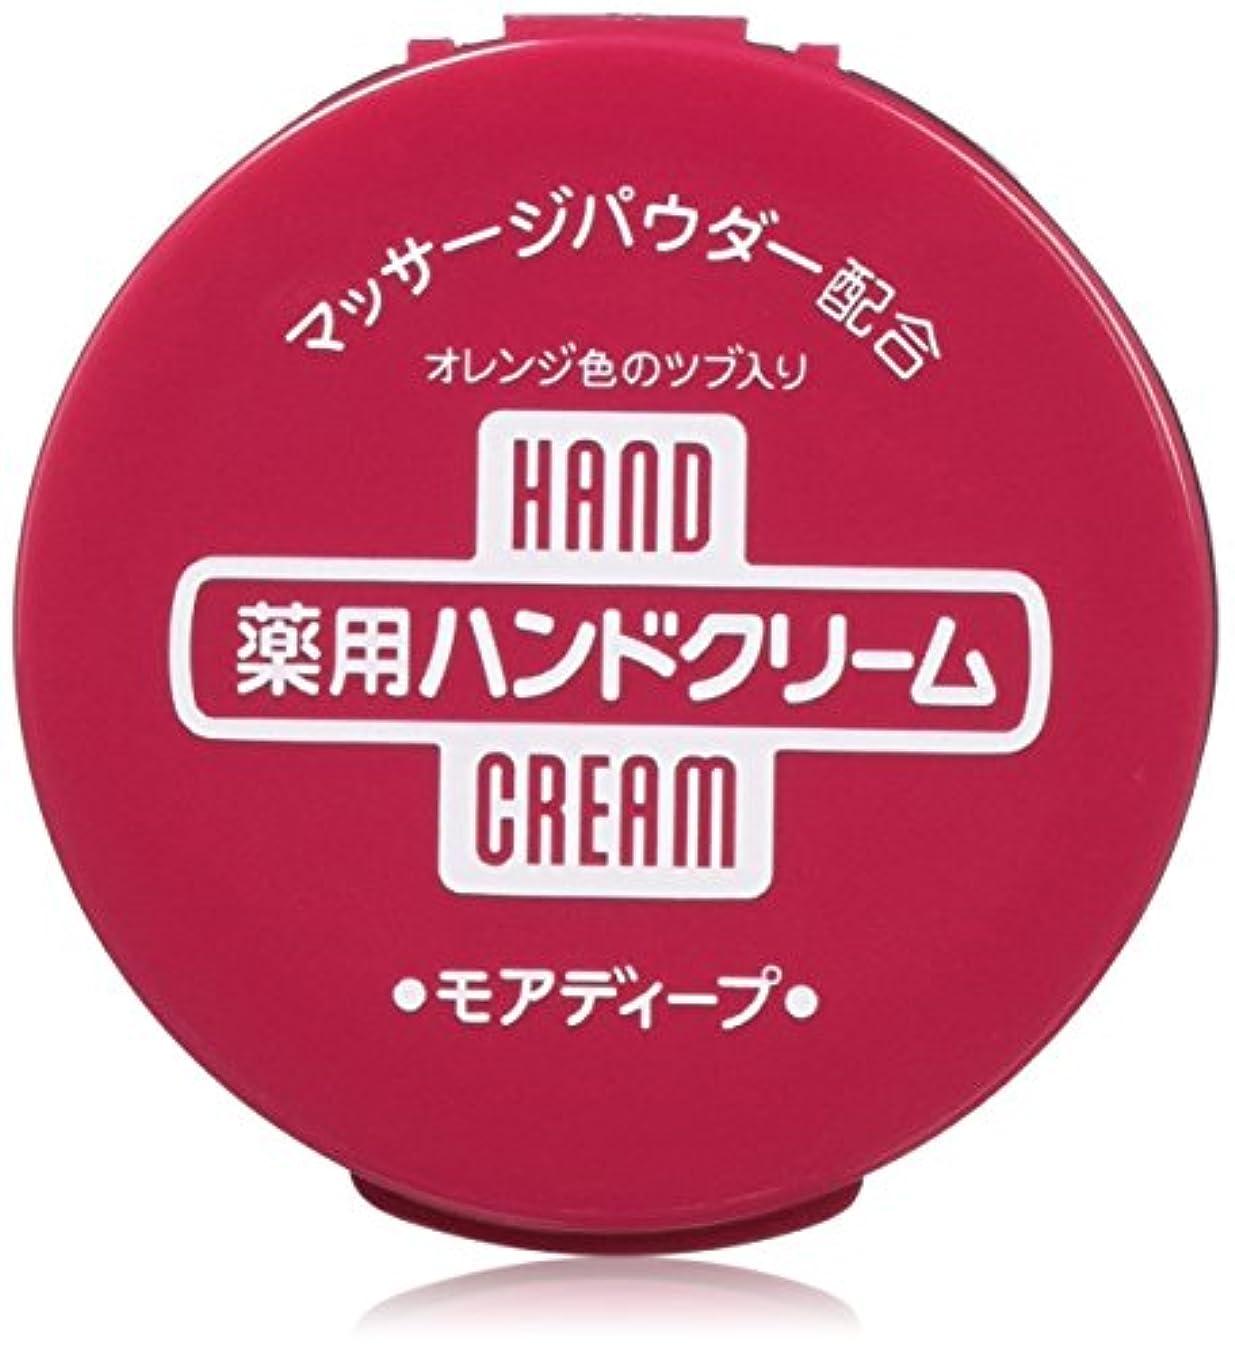 バルク消費者しっかり【まとめ買い】薬用ハンドクリーム モアディープ 100g×12個